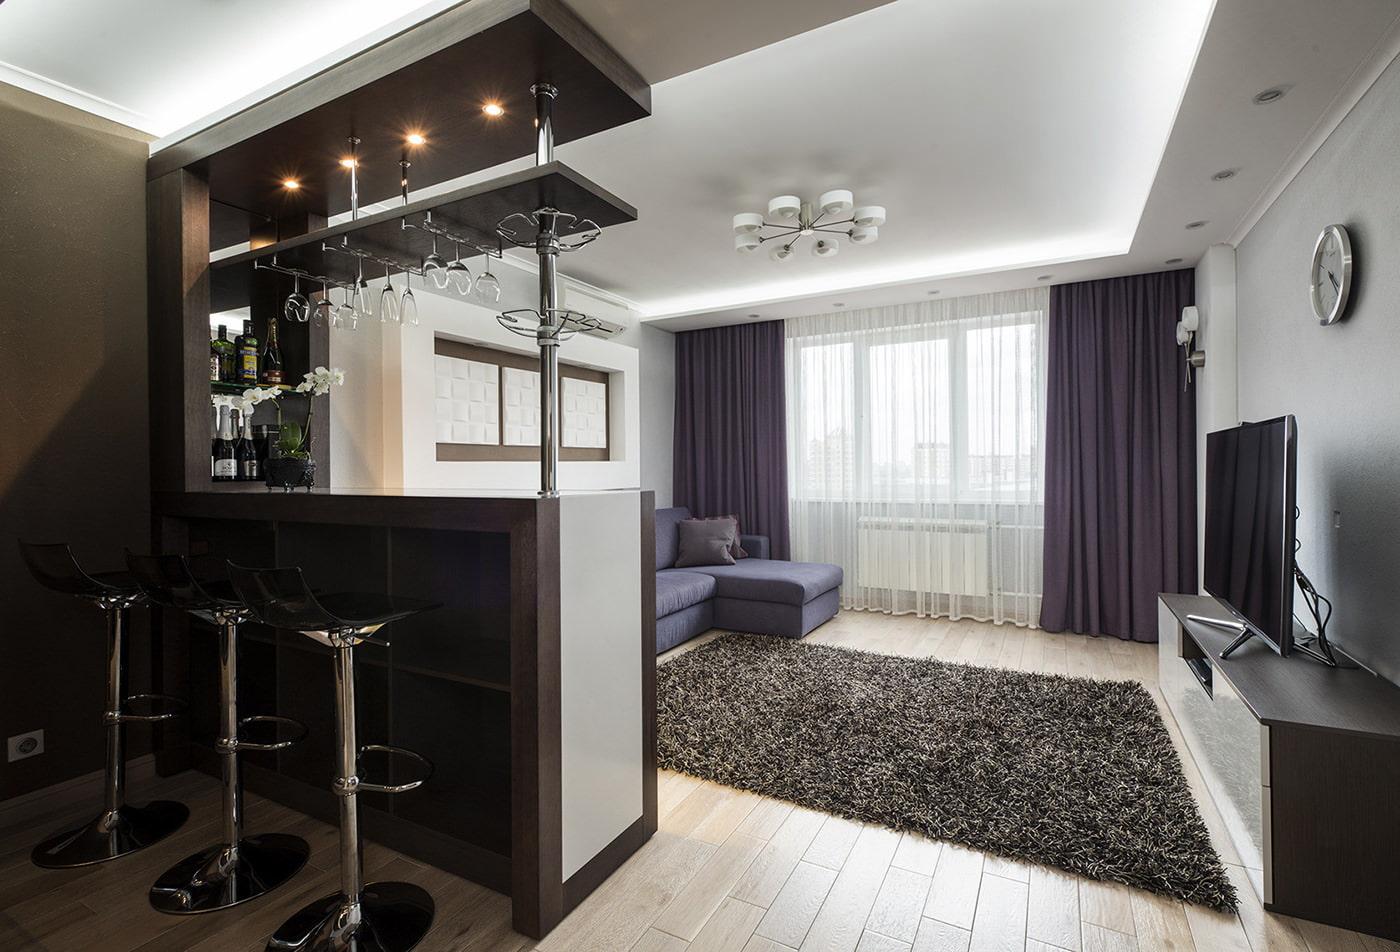 гостиная с кухней с барной стойкой фото